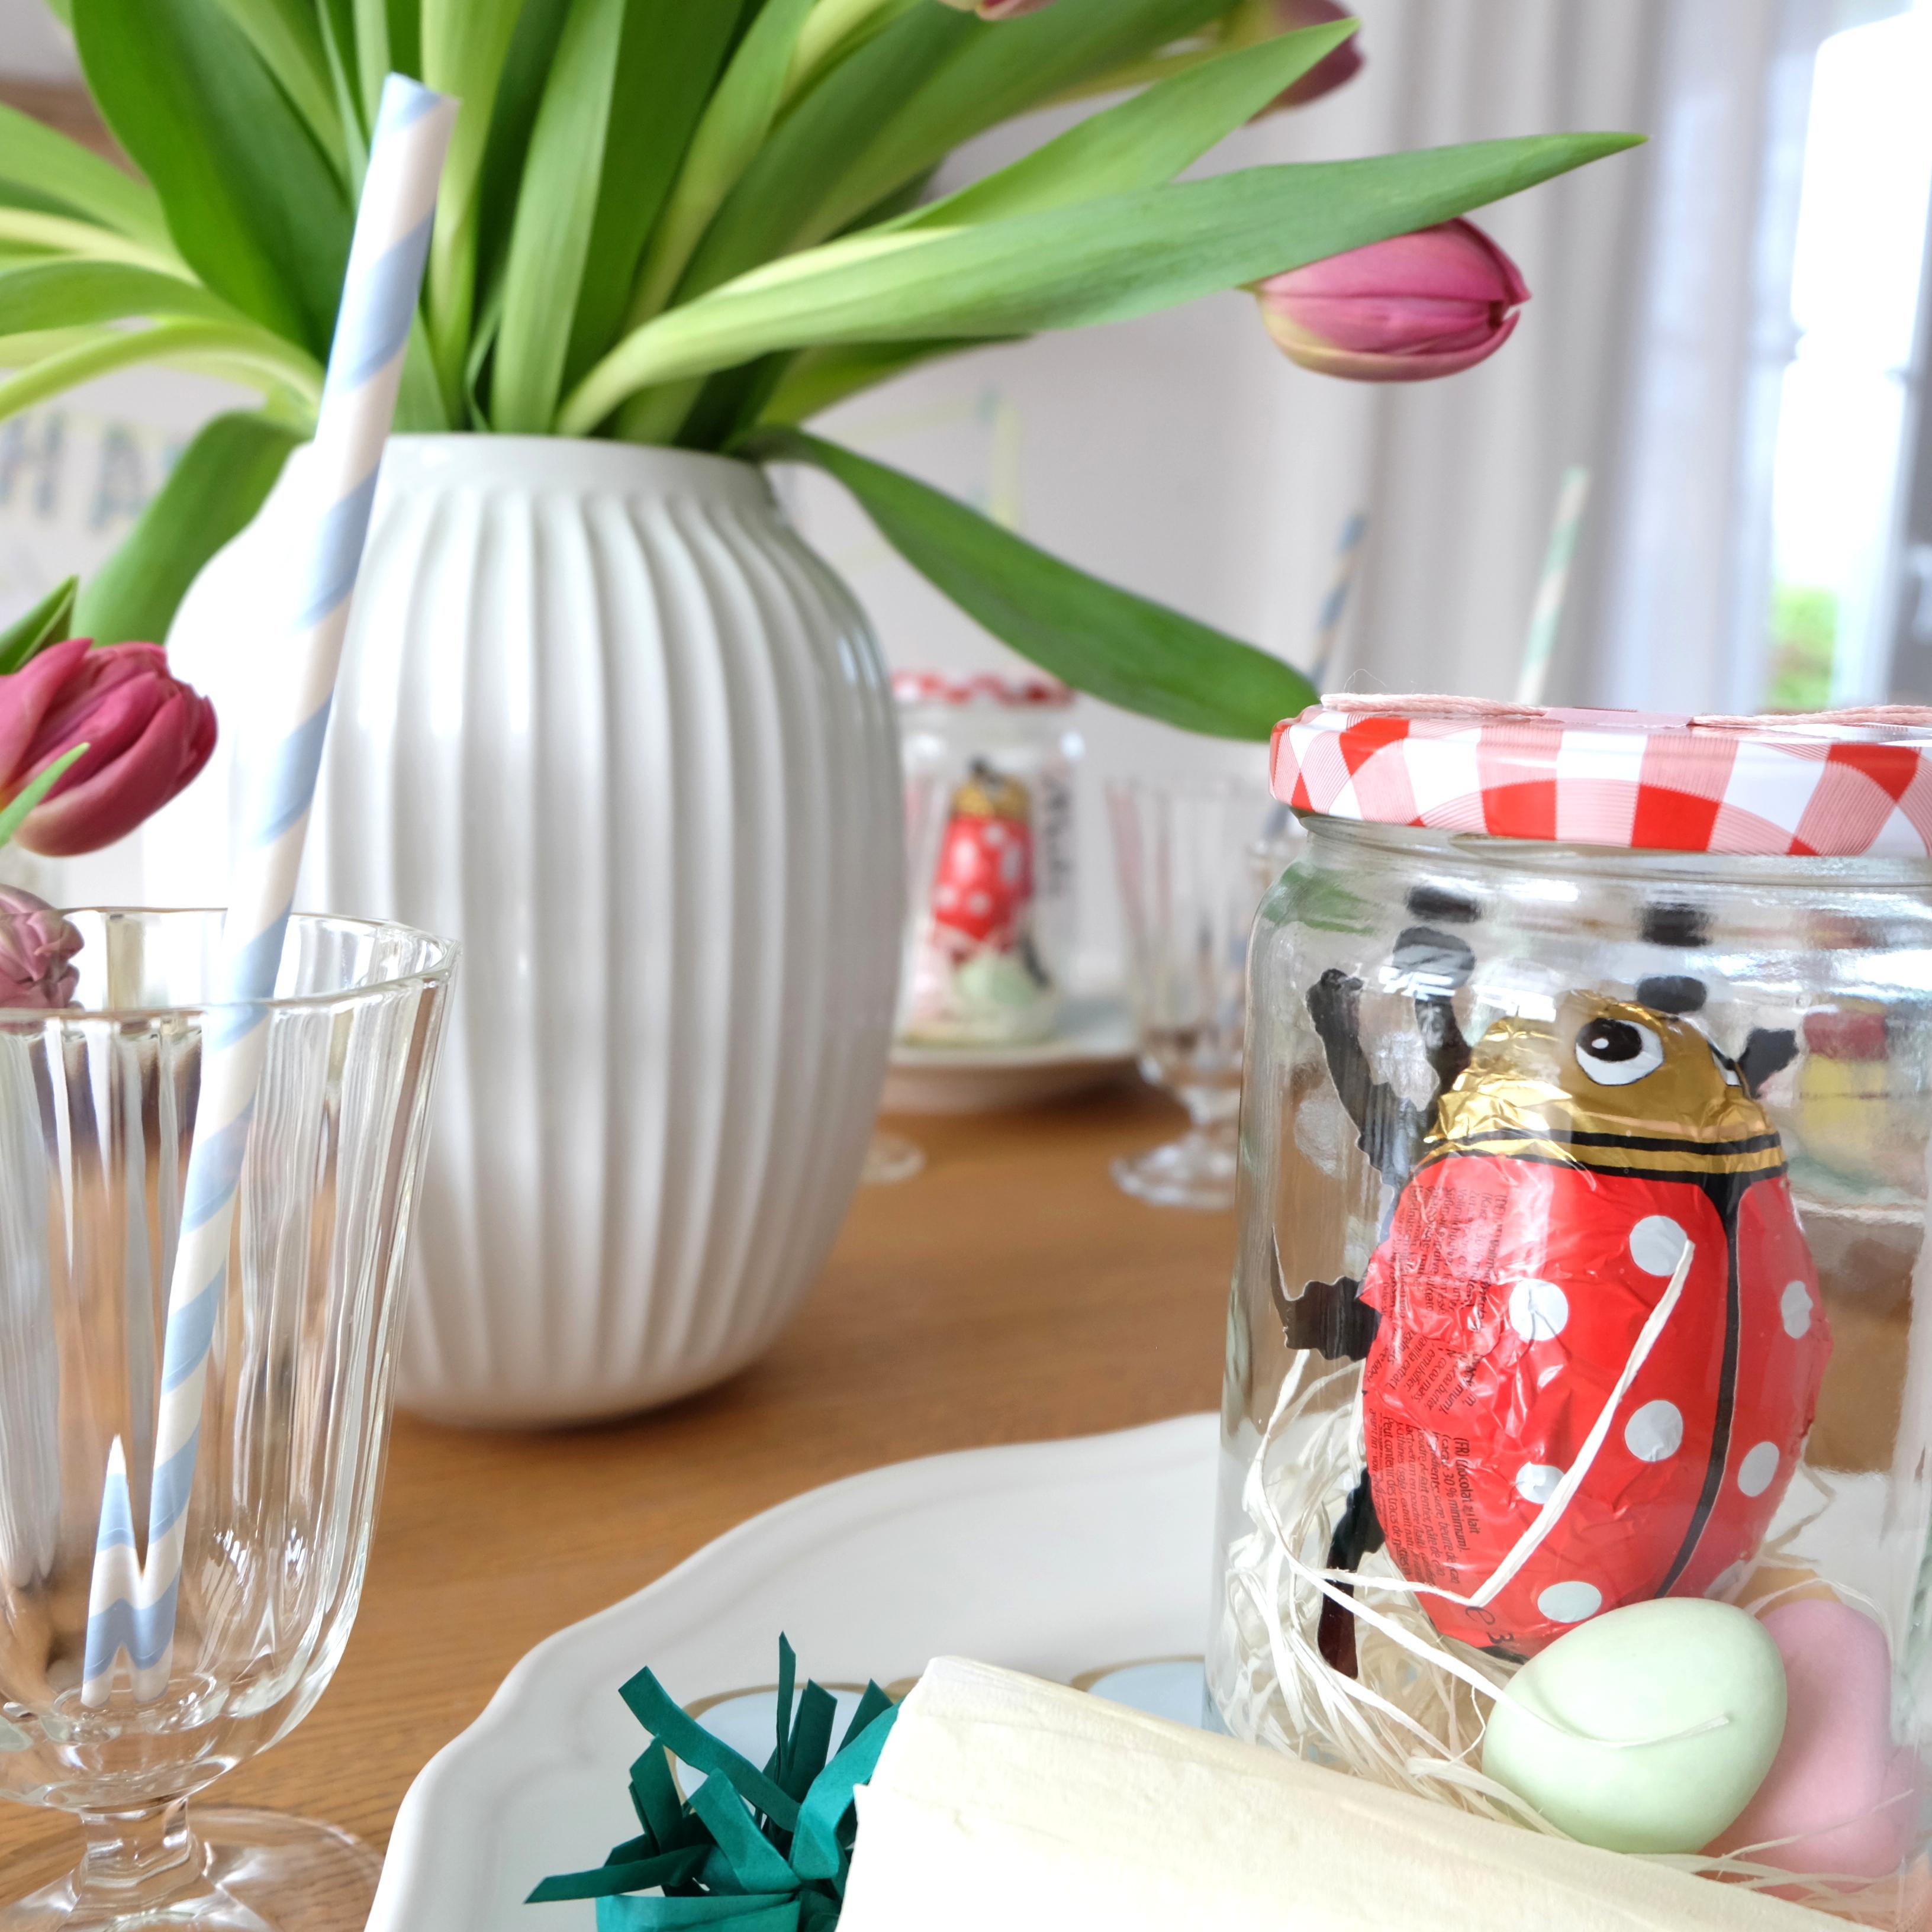 Diy Ostern Tischdeko Basteln Glas Hase Kahler Vase Kay Bojesen 10b